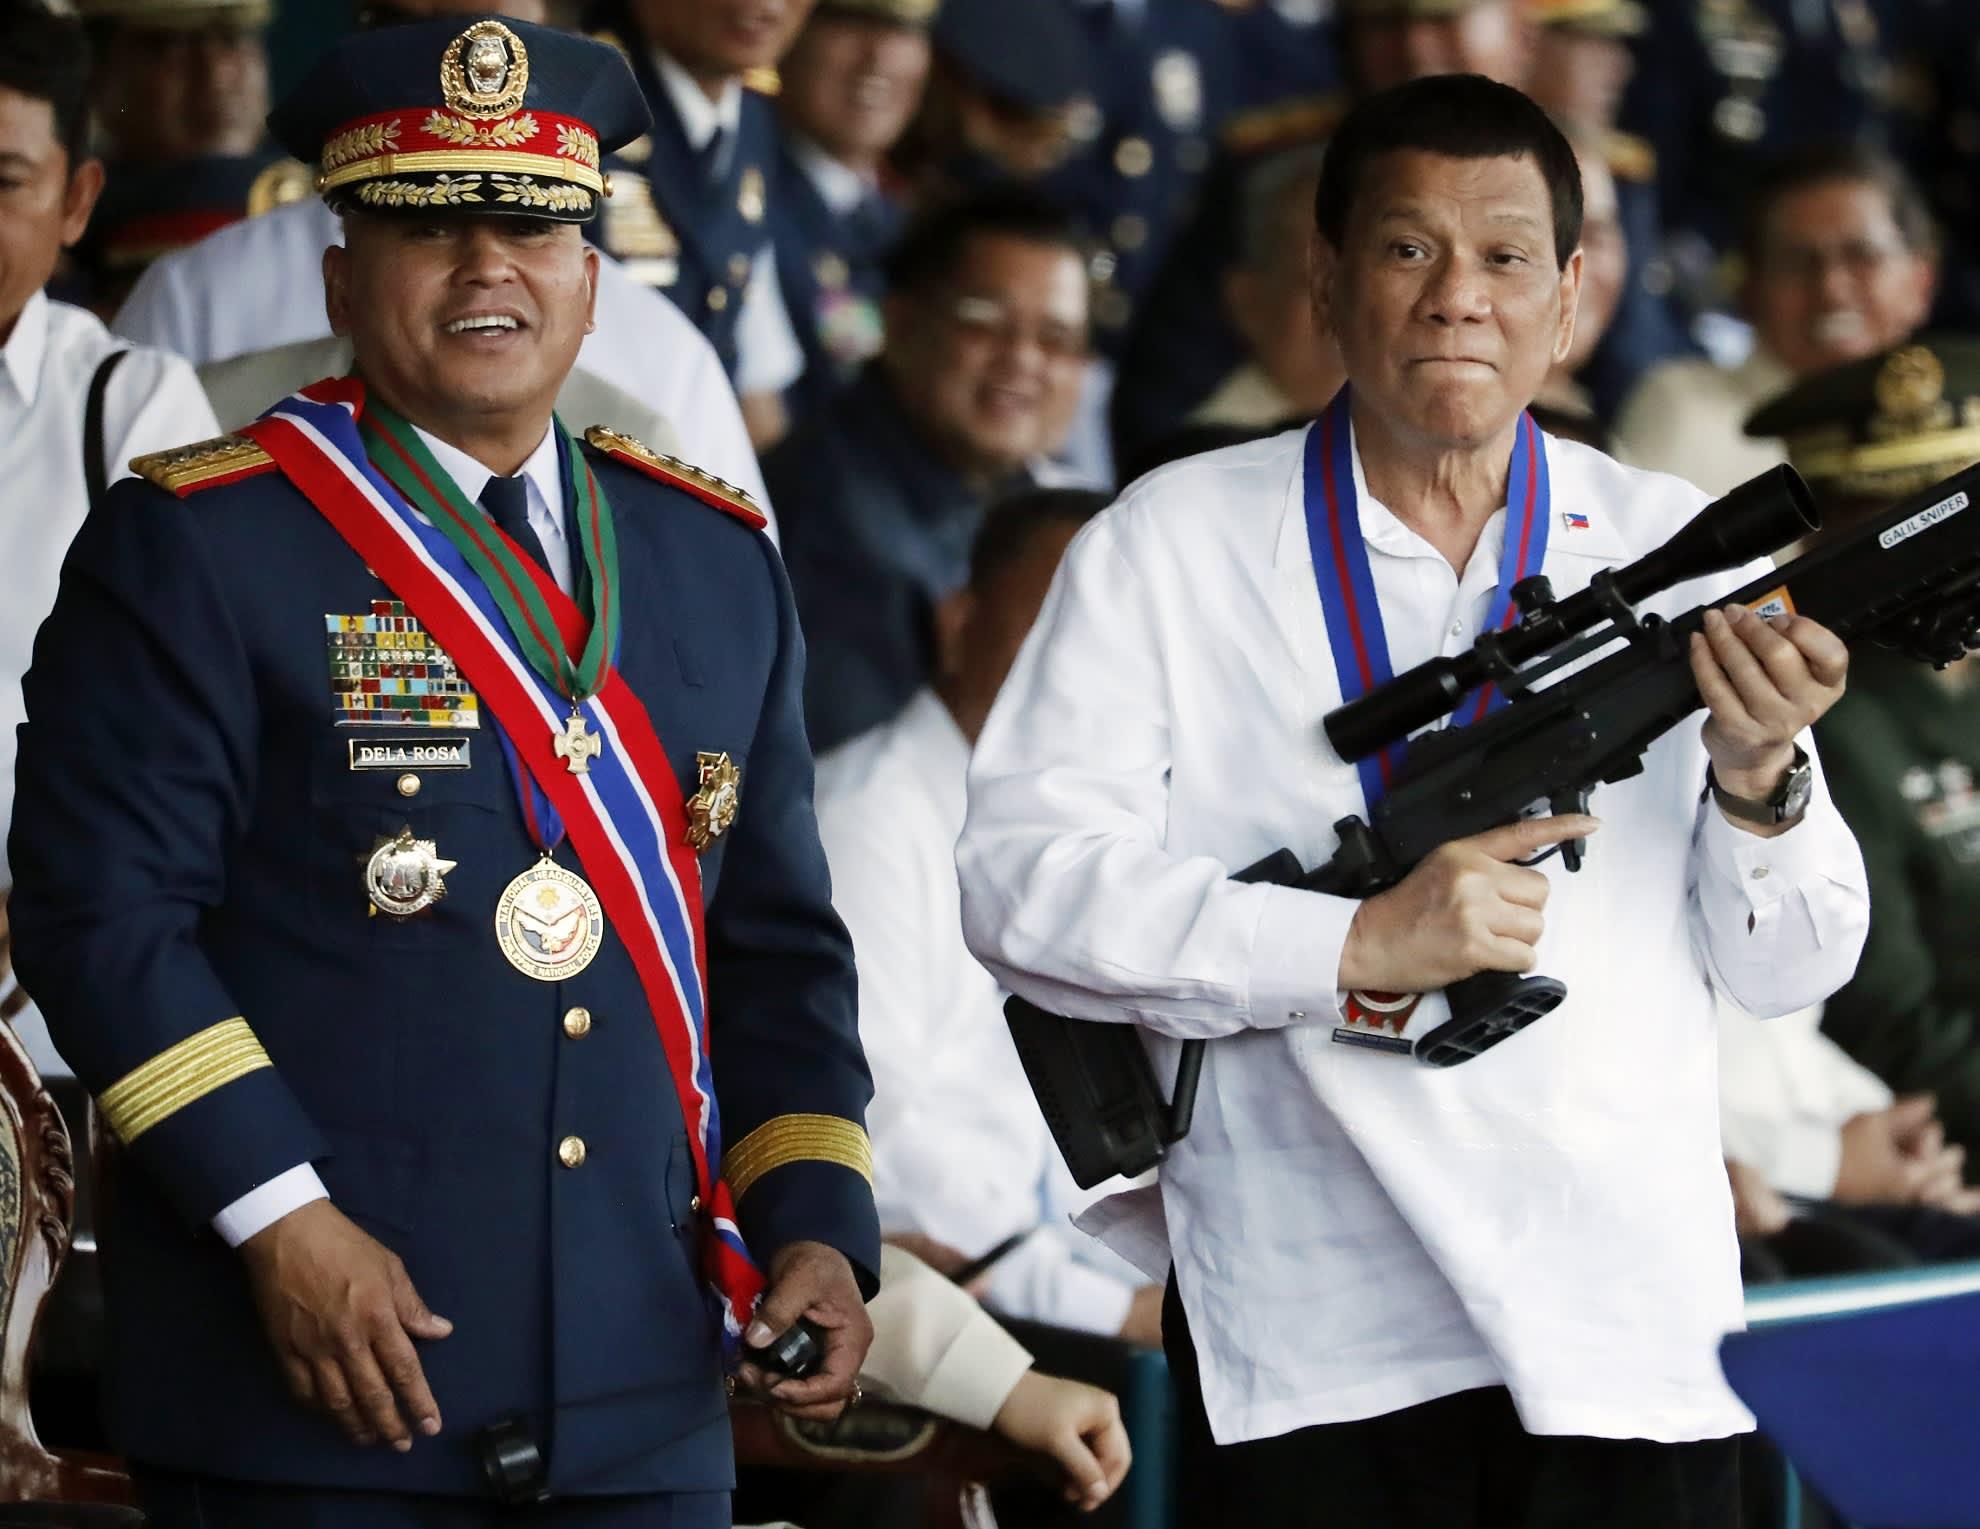 Presidentti Rodrigo Duterte  kuvattuna silloisen poliisipäällikön  Ronald dela Rosan kanssa Manilassa huhtikuussa 2018.